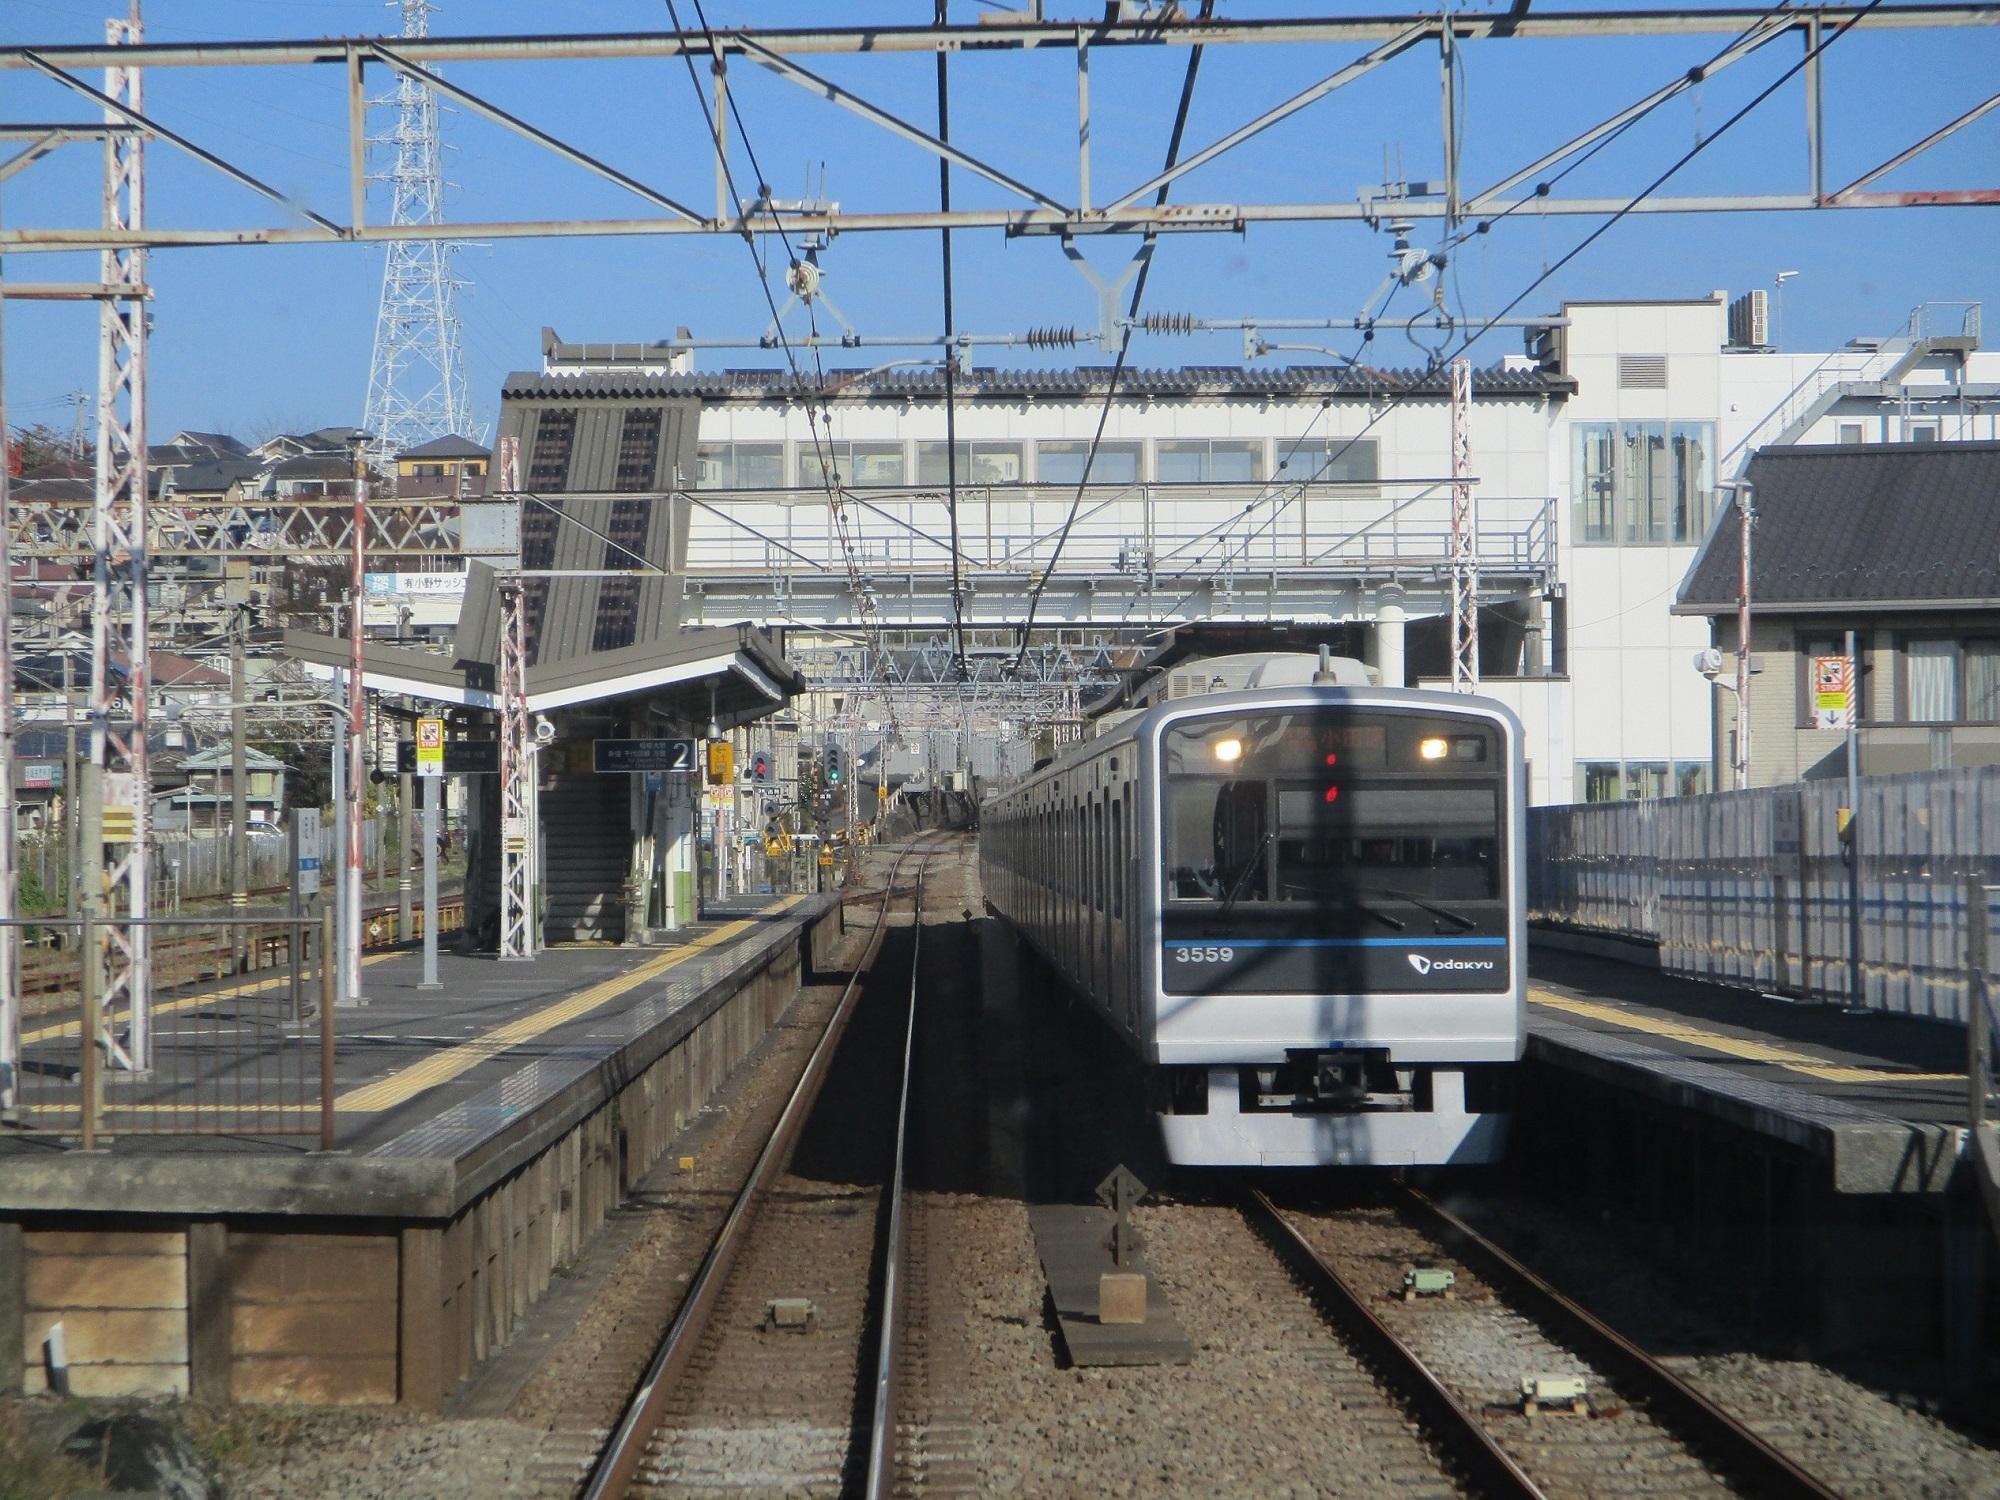 2019.12.16 (16) 新宿いき急行 - 足柄 2000-1500